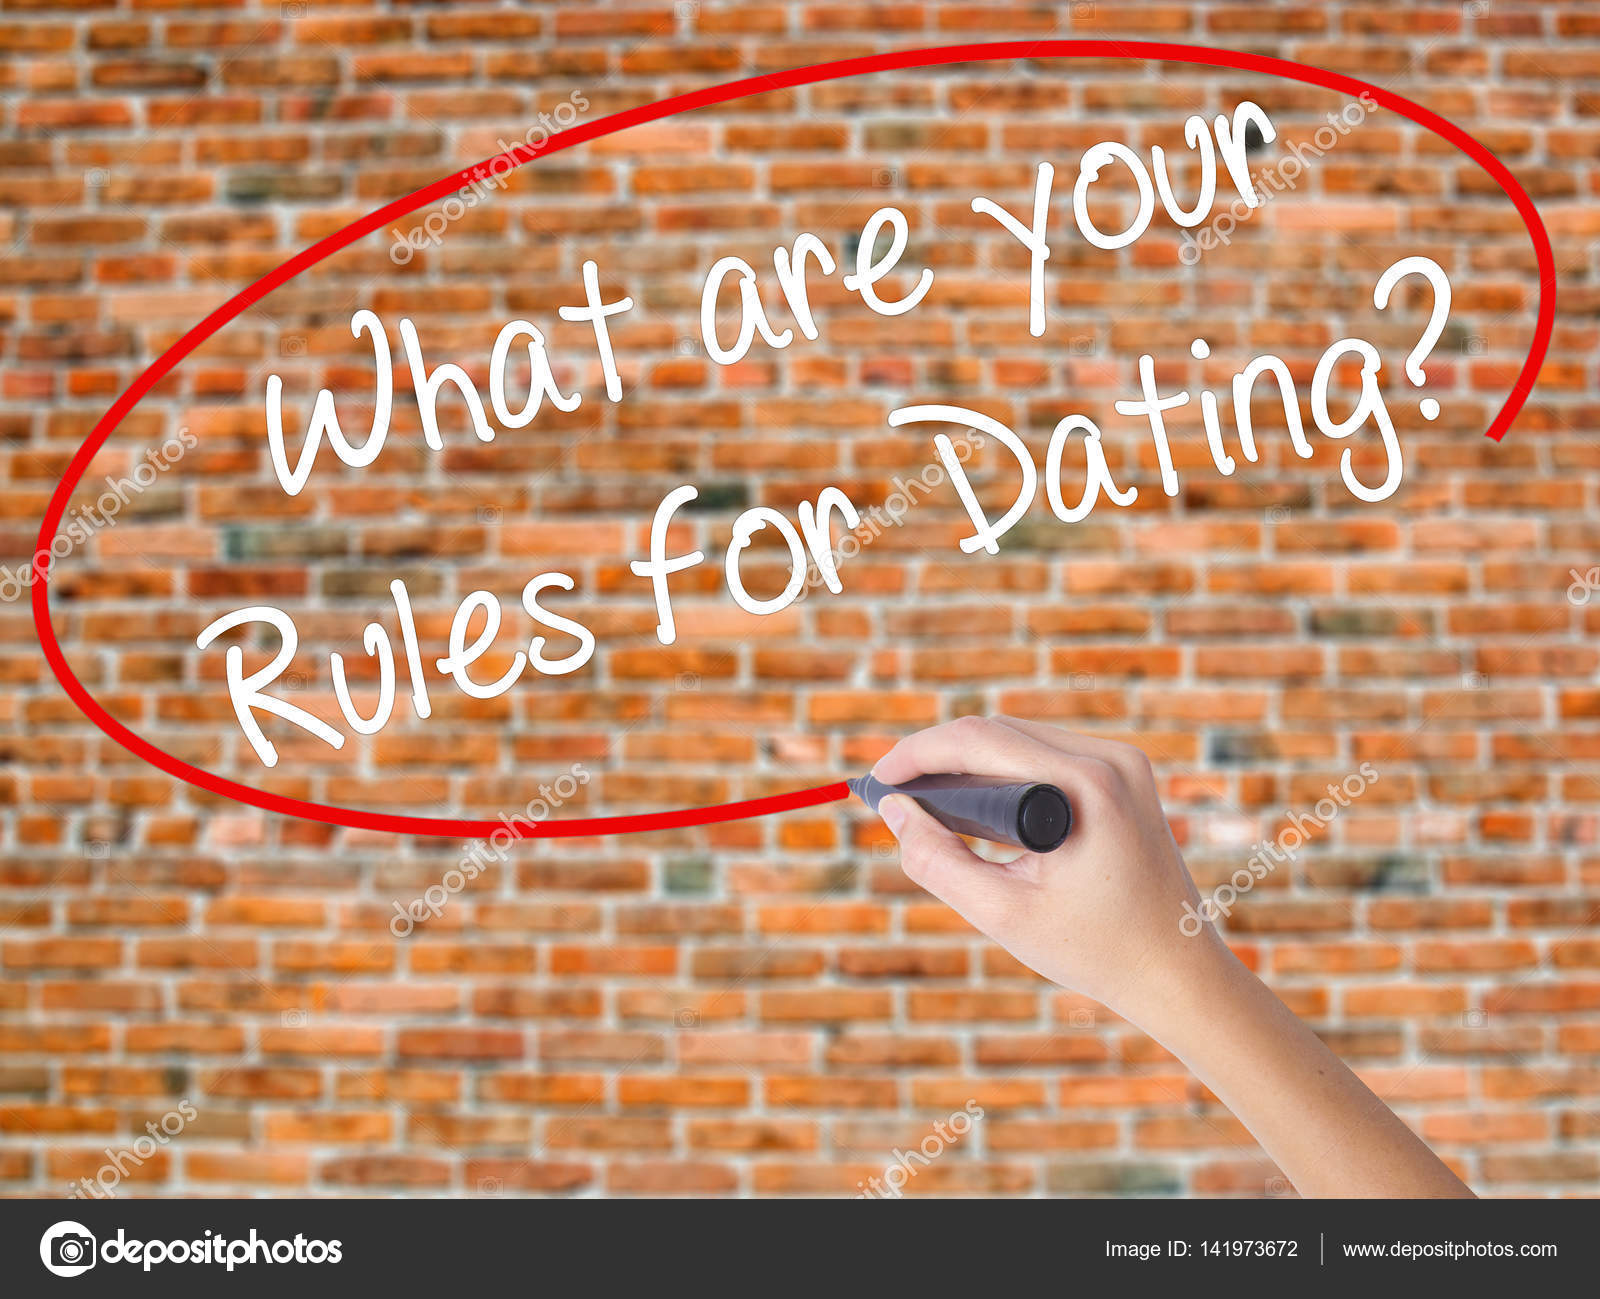 VS dating regelsgratis dating sites in de VS en het Verenigd Koninkrijk